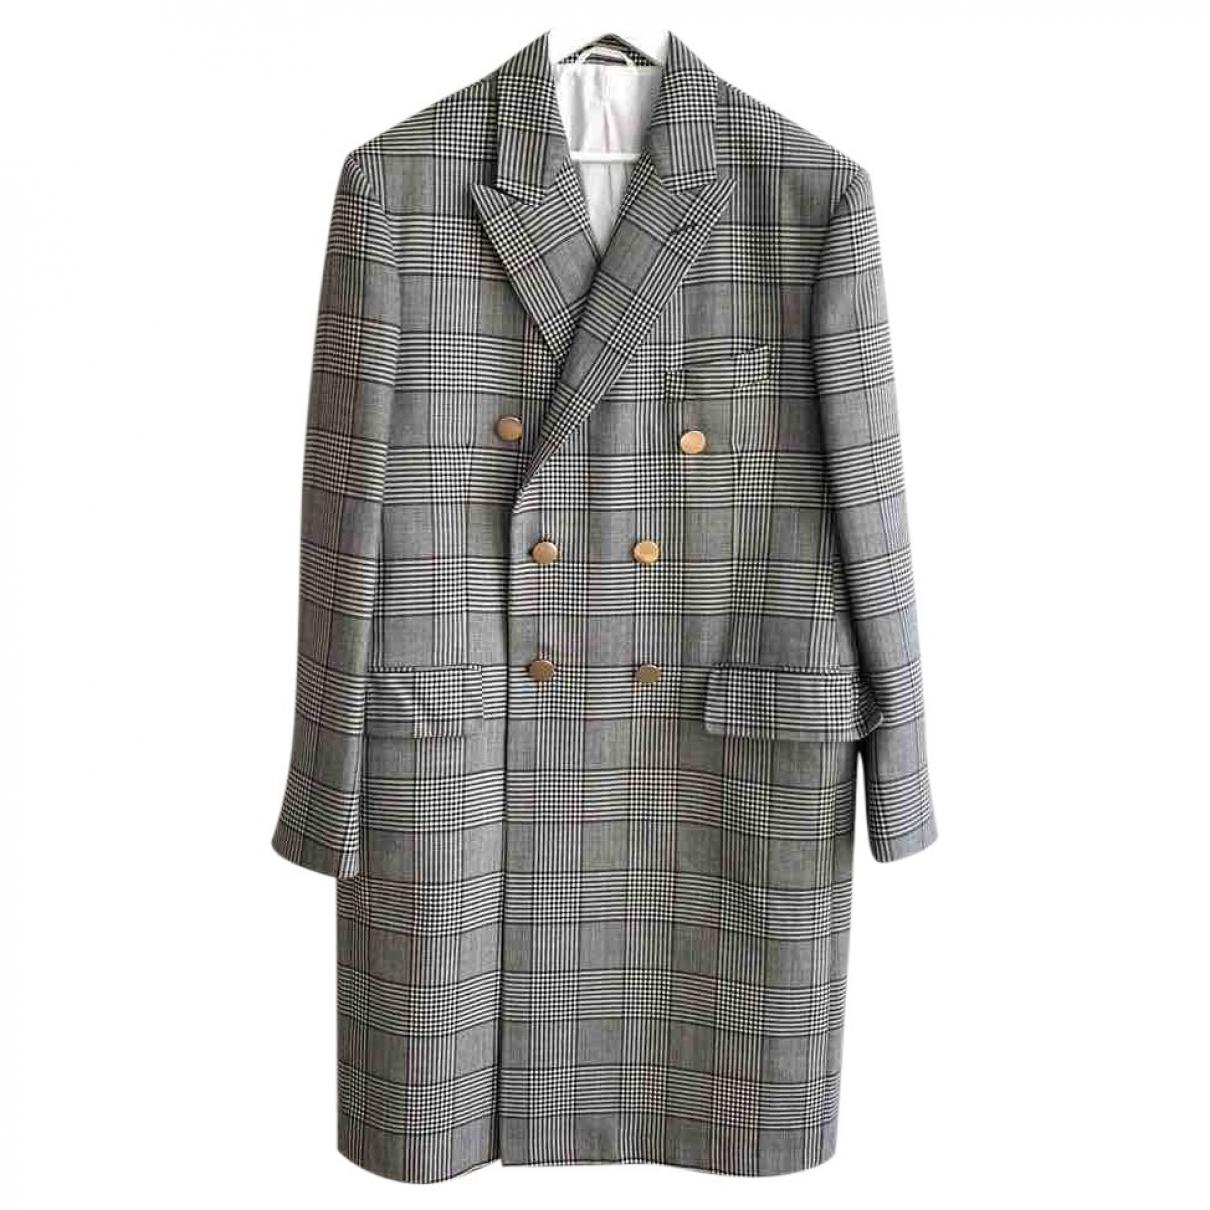 Calvin Klein 205w39nyc - Manteau   pour homme en laine - gris